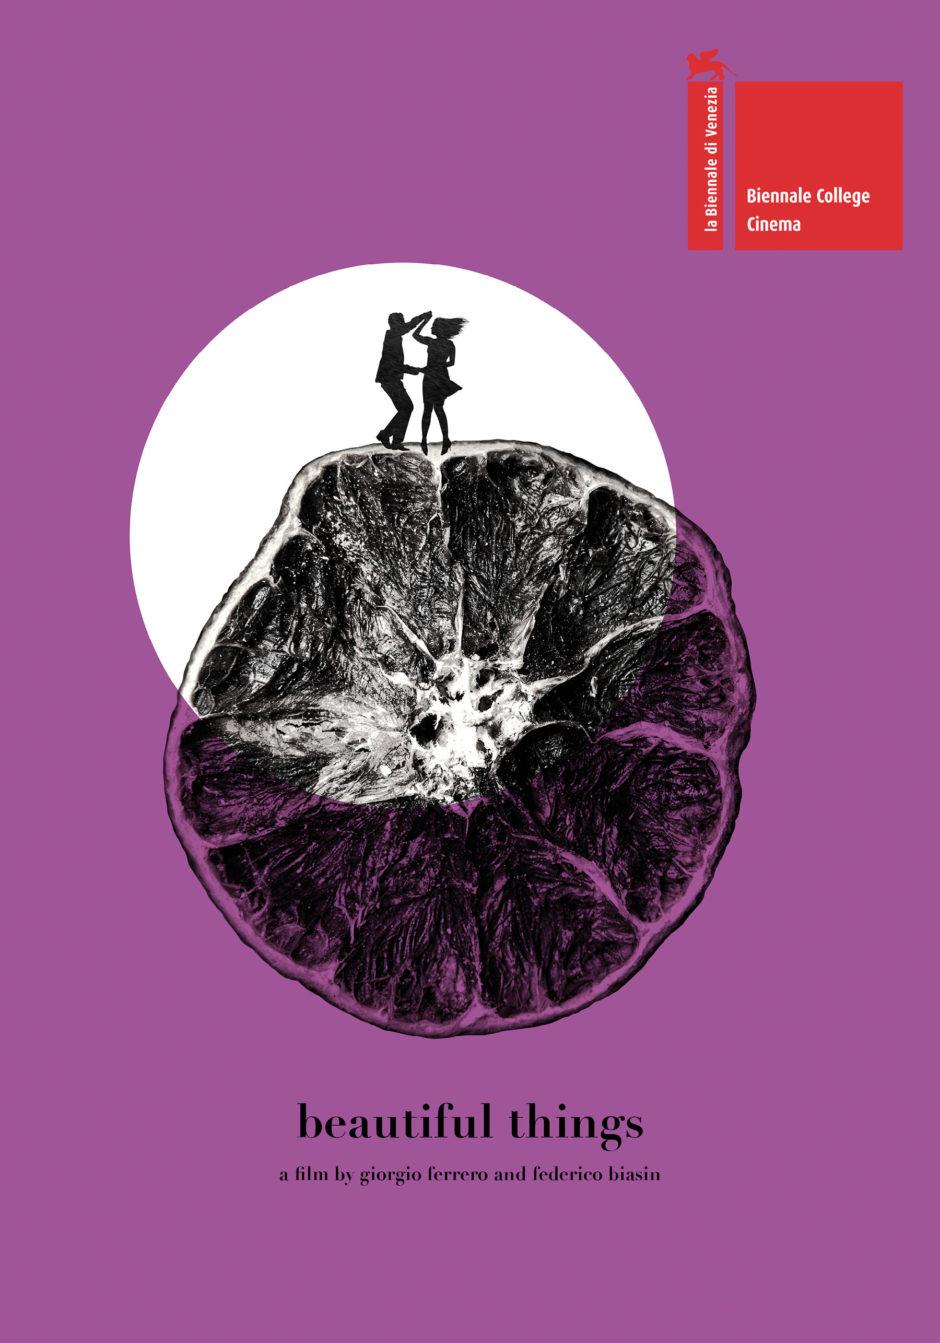 BEAUTIFUL-THINGS